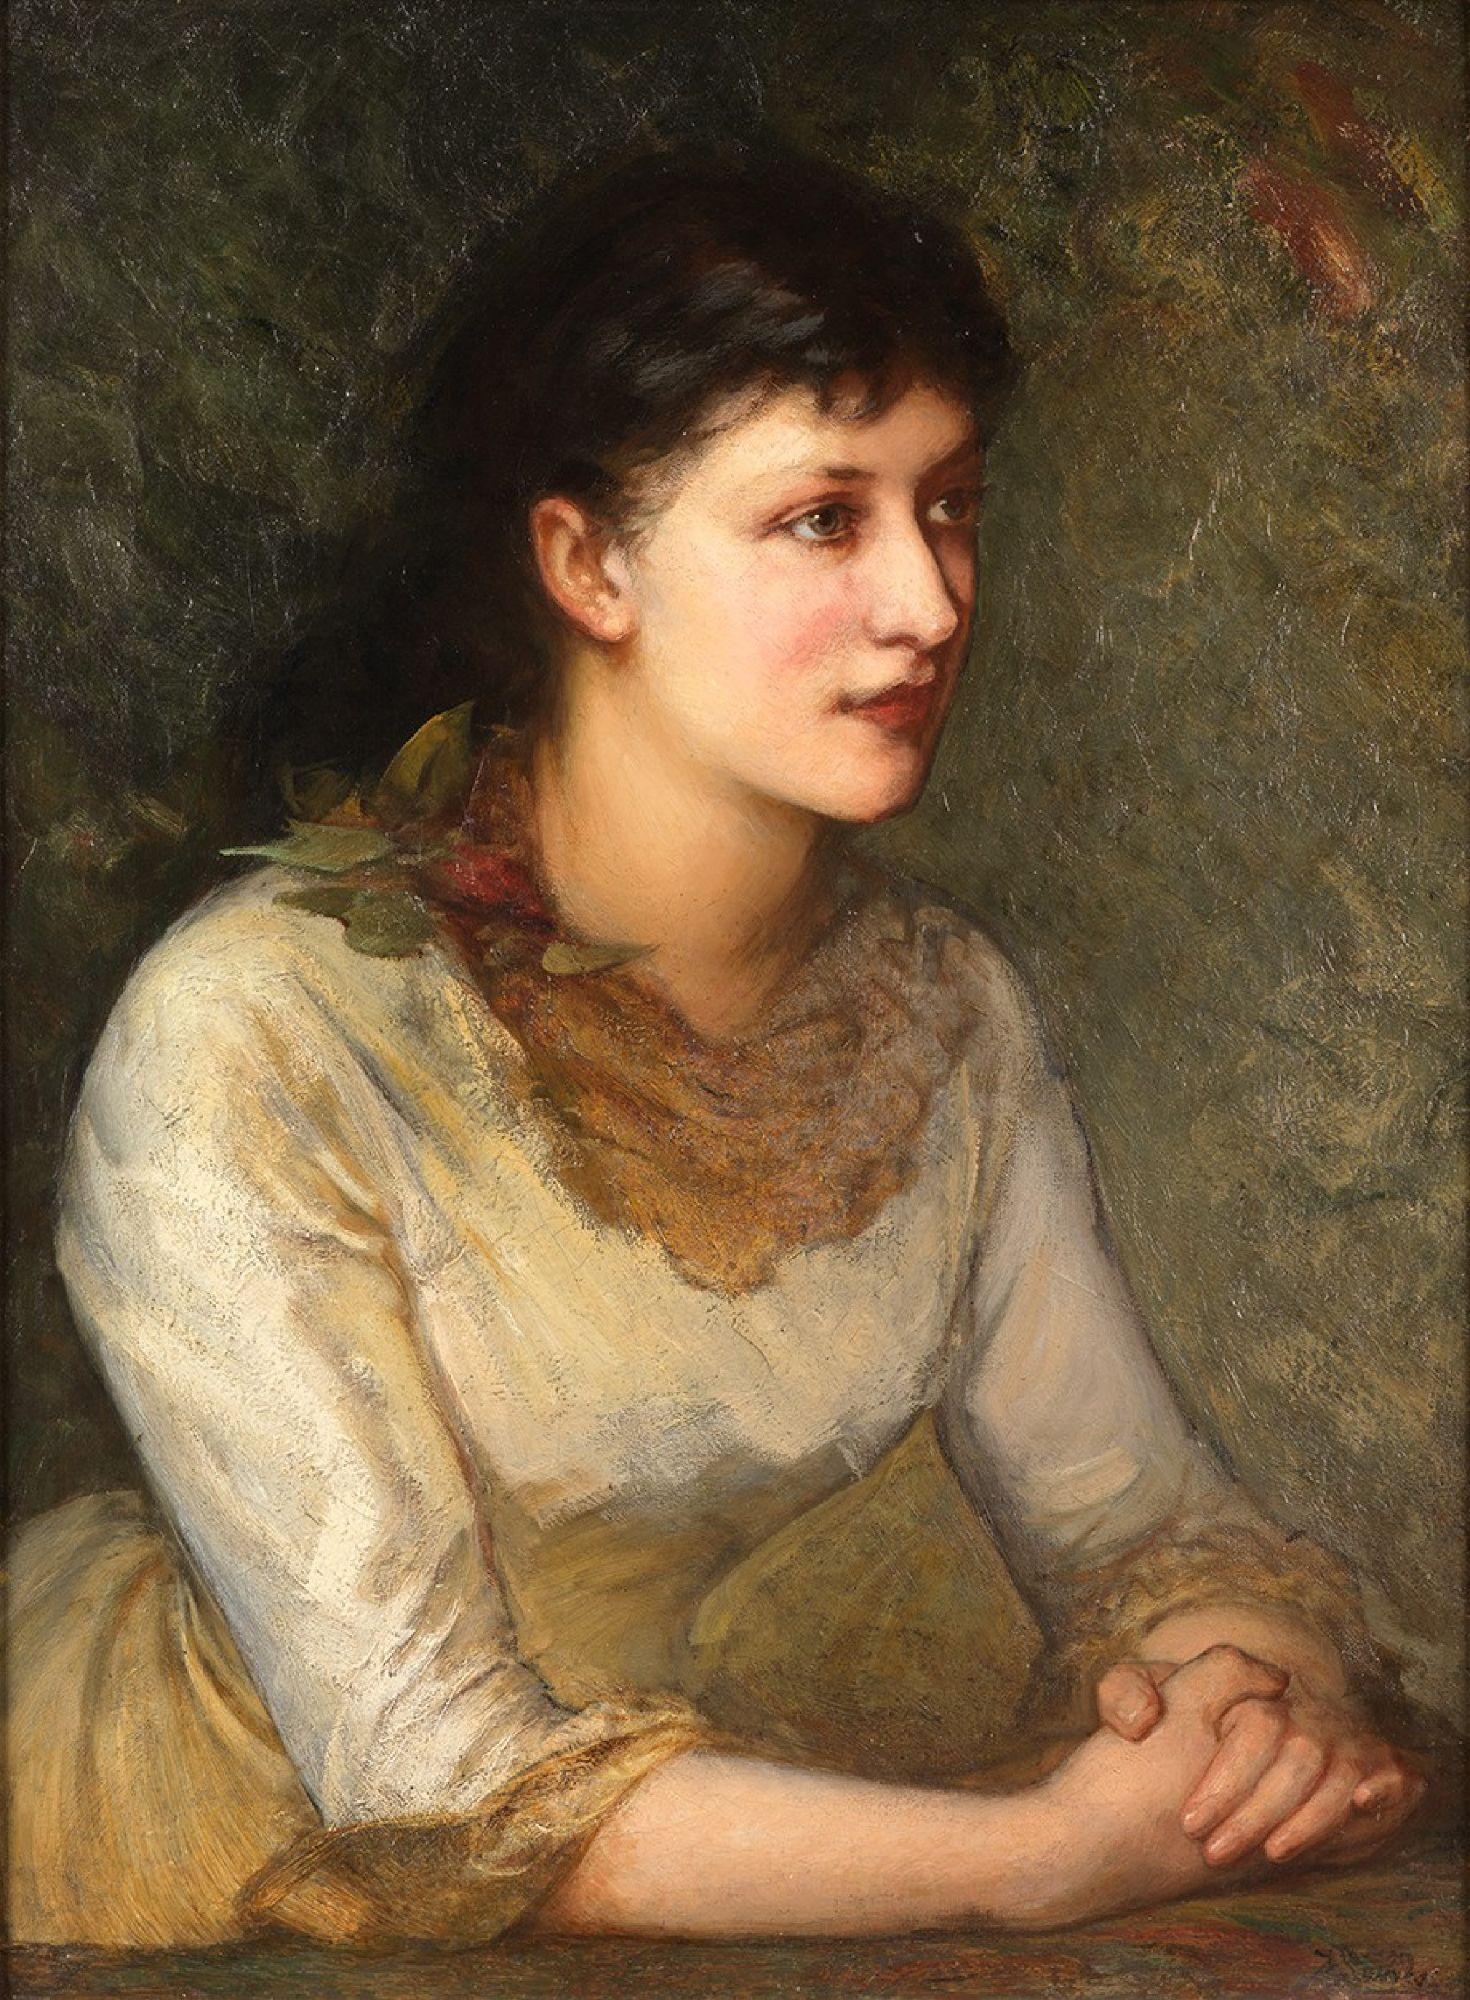 Фрэнк Майлз. Женский портрет